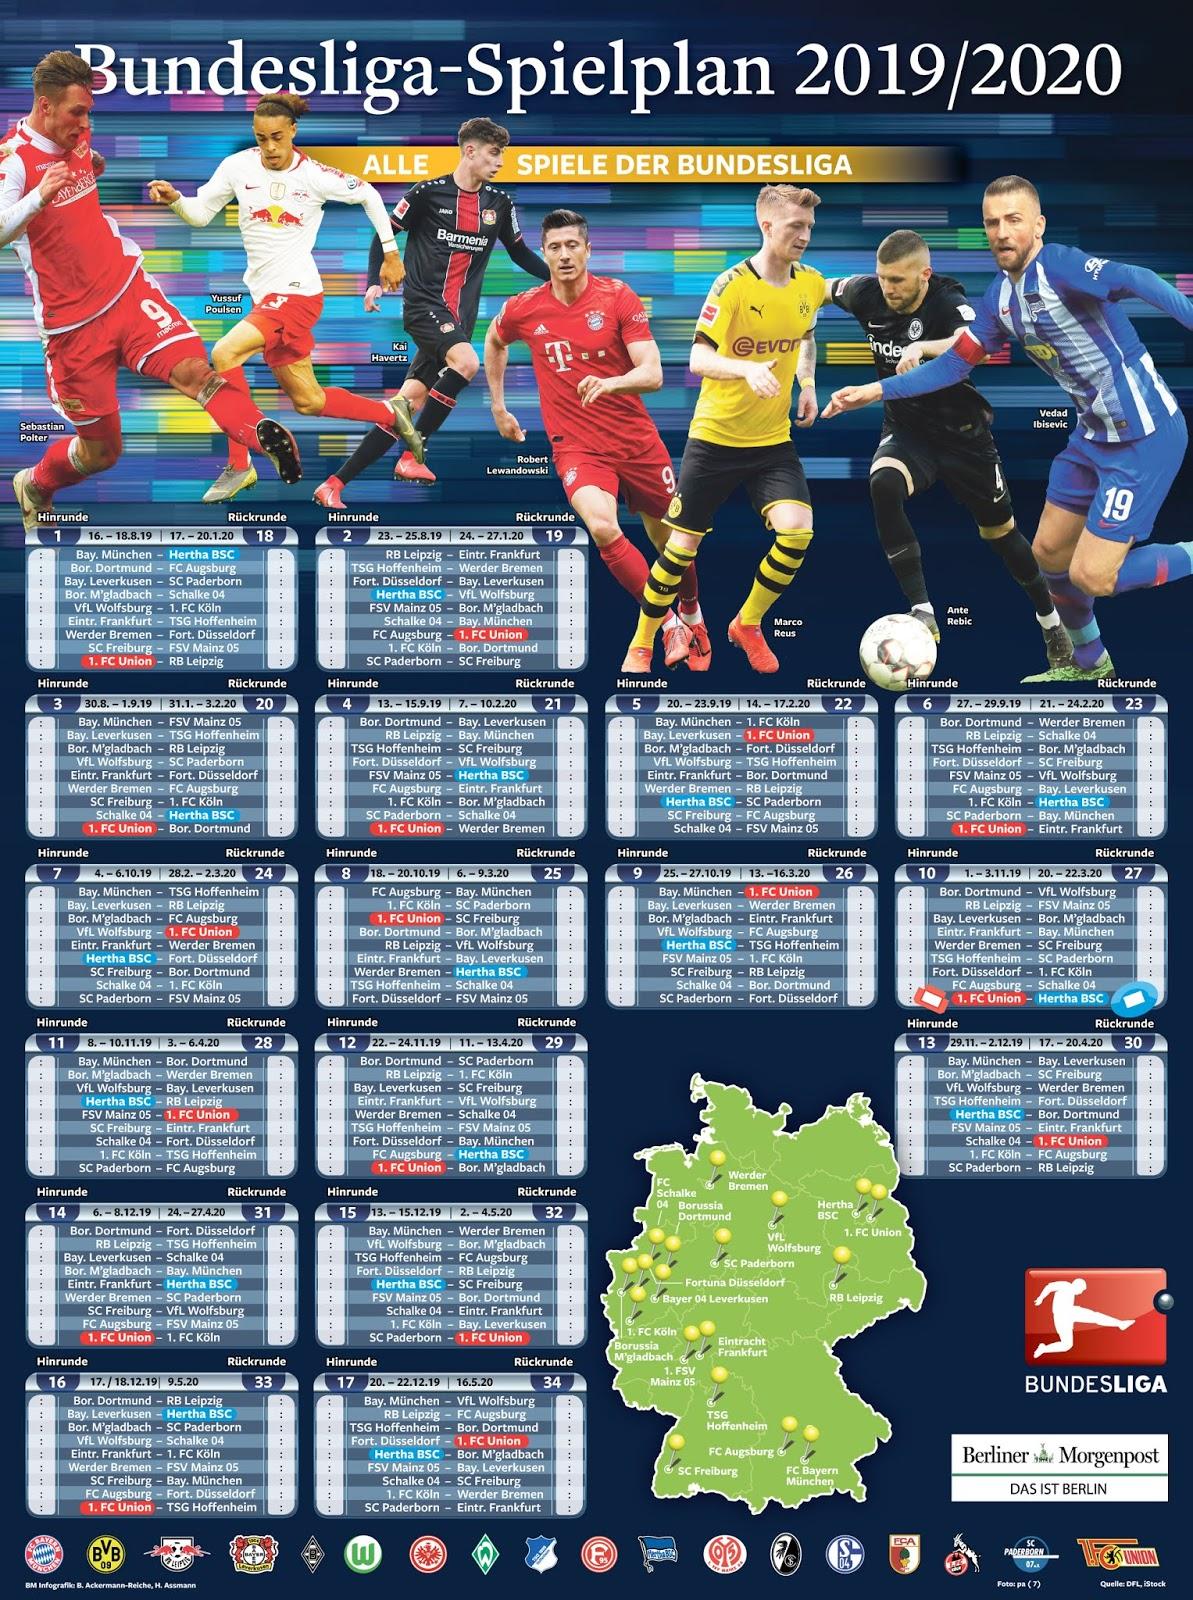 Bundesliga Spielplan Rückrunde